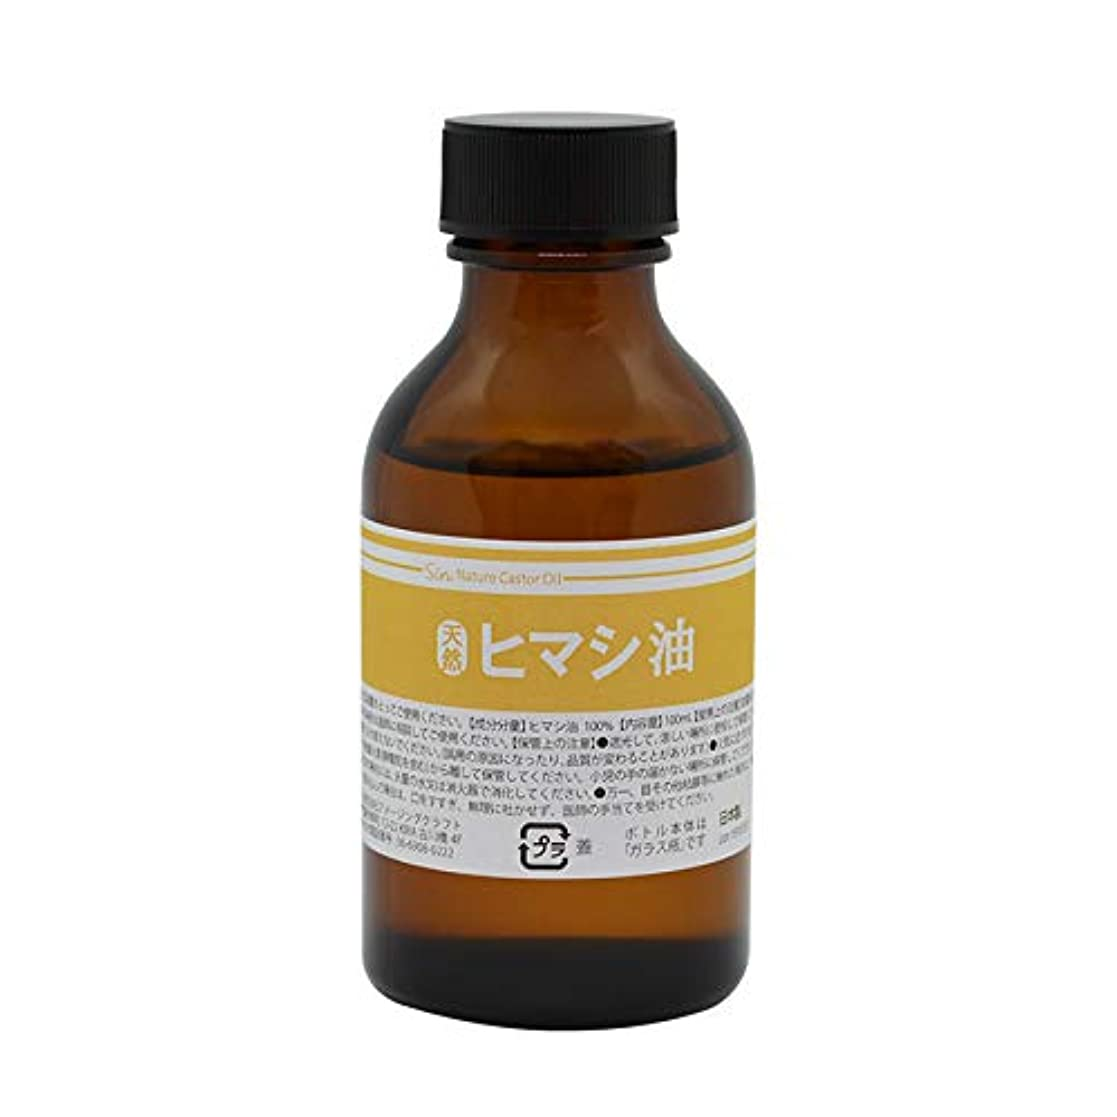 廃止する期間ハーブ天然無添加 国内精製ひまし油 (キャスターオイル) 100ml